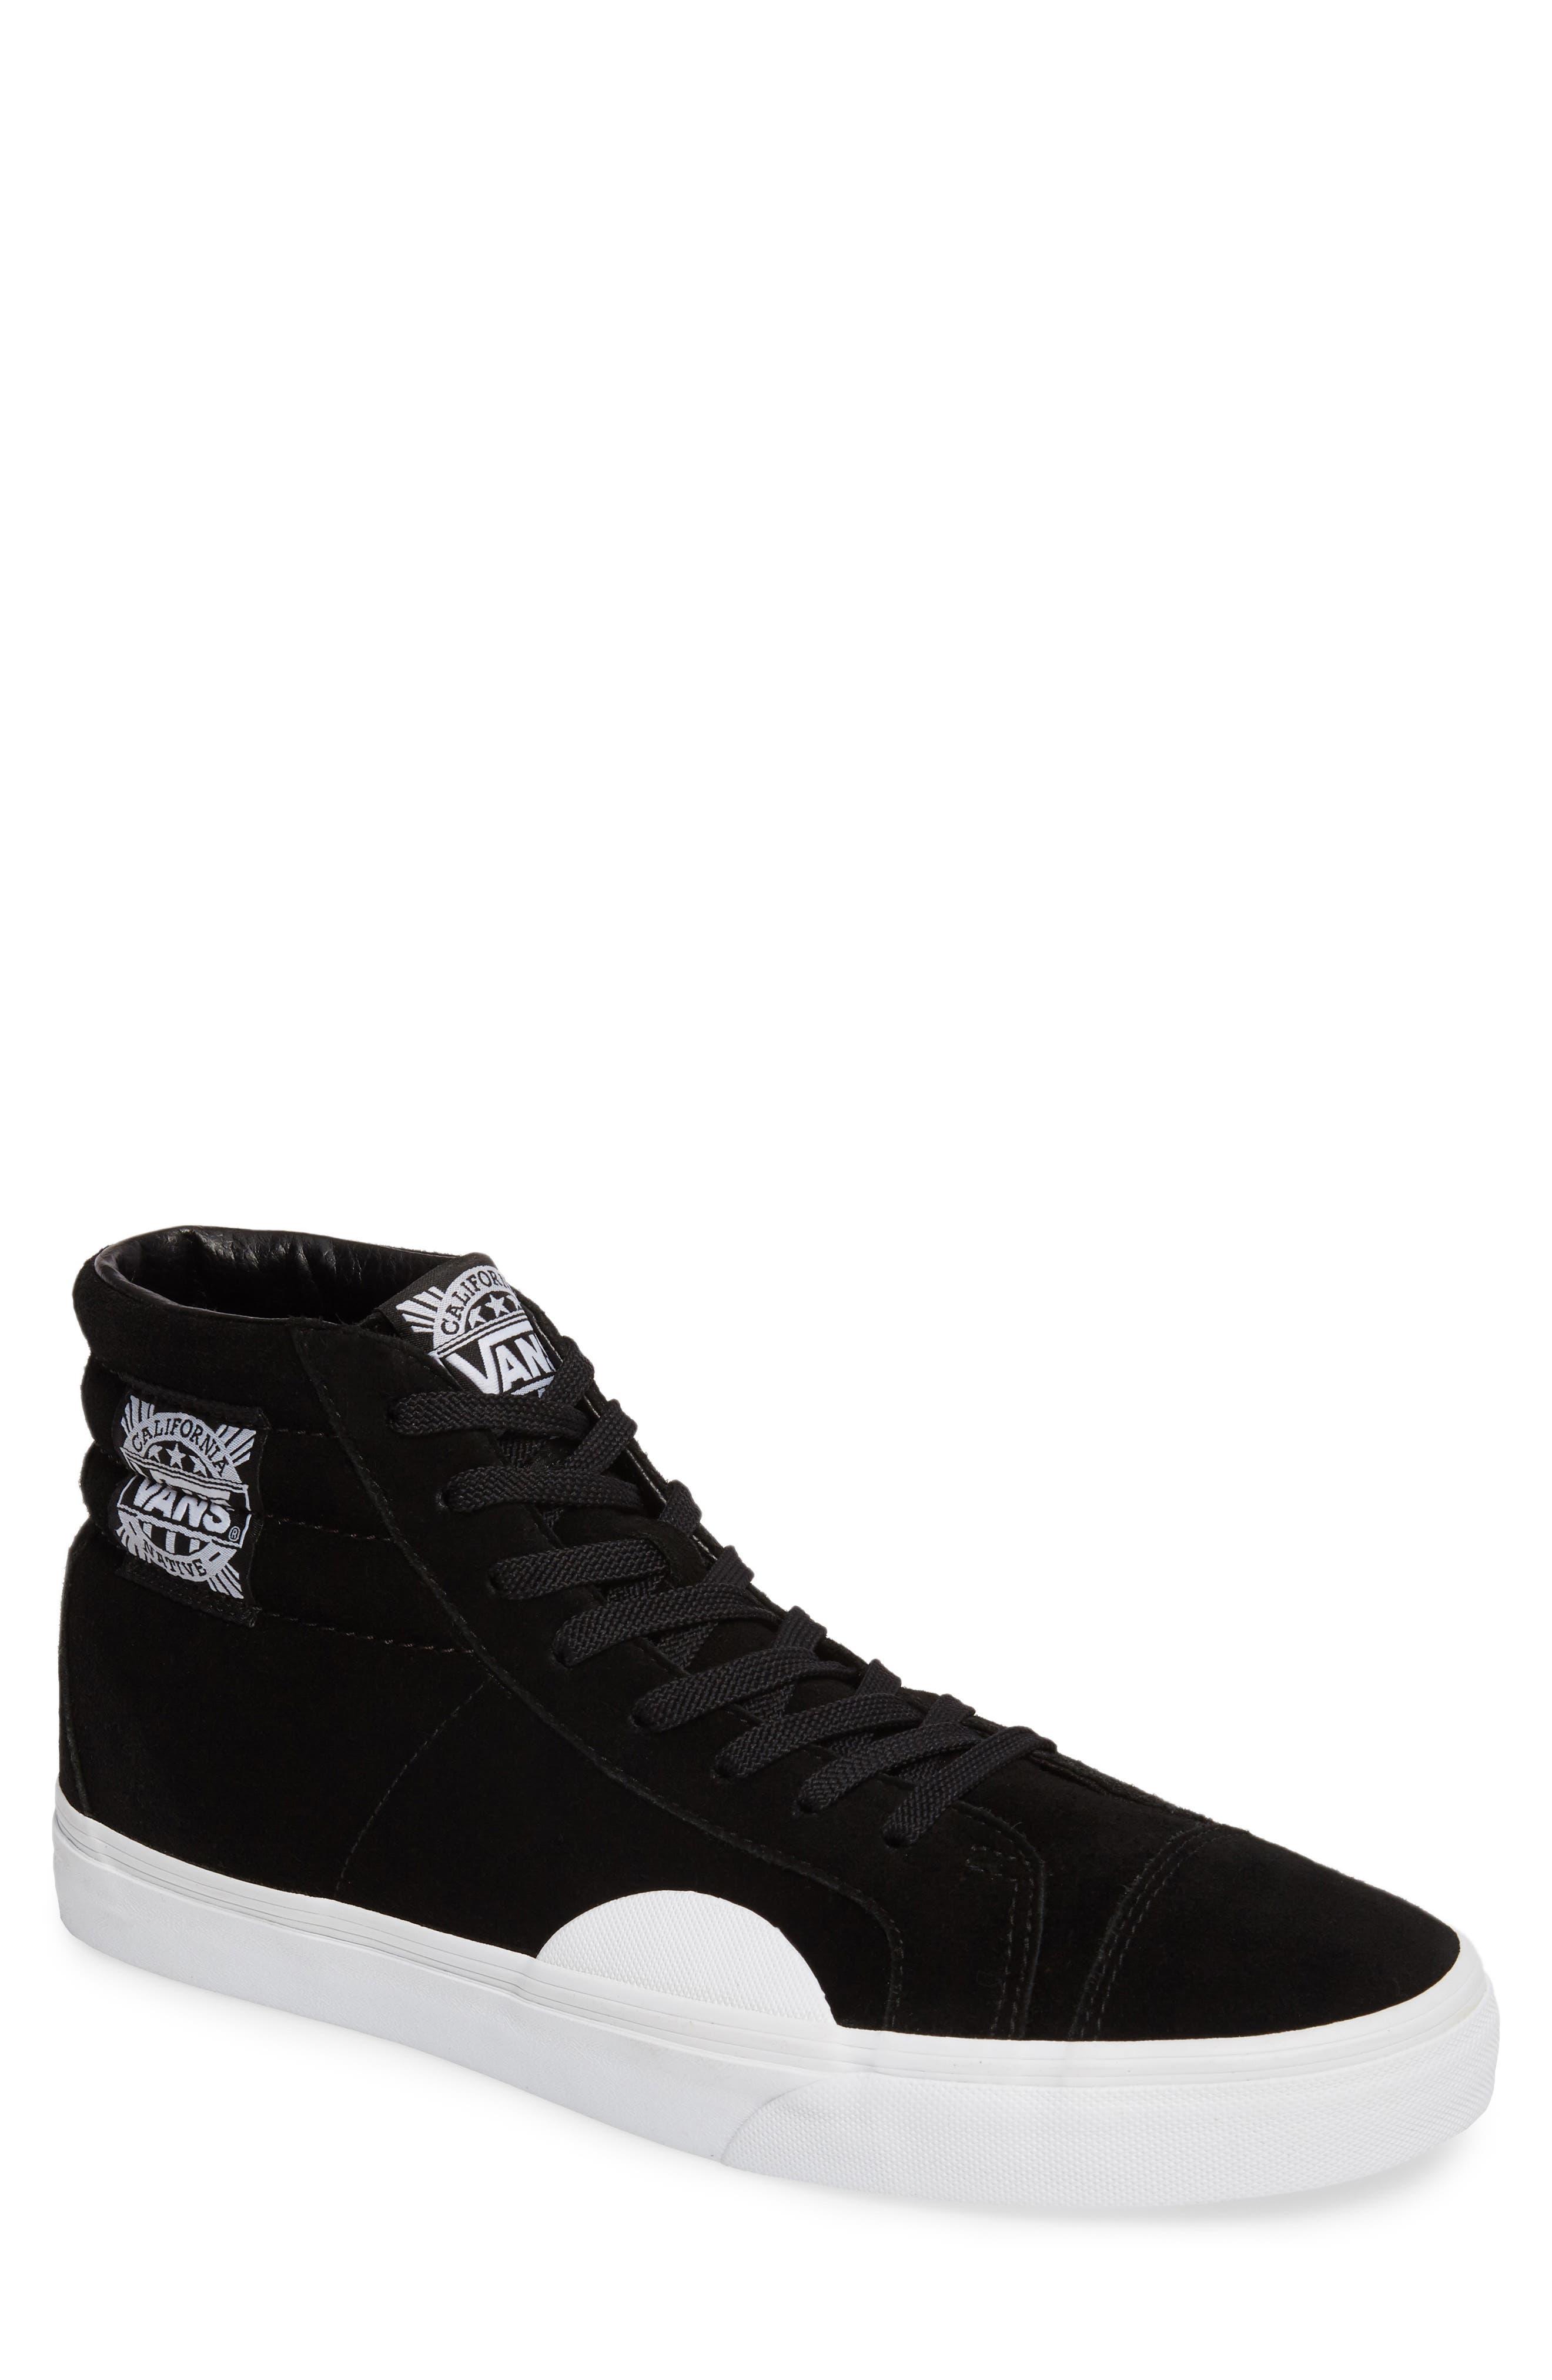 Vans Style 238 Sneaker (Men)